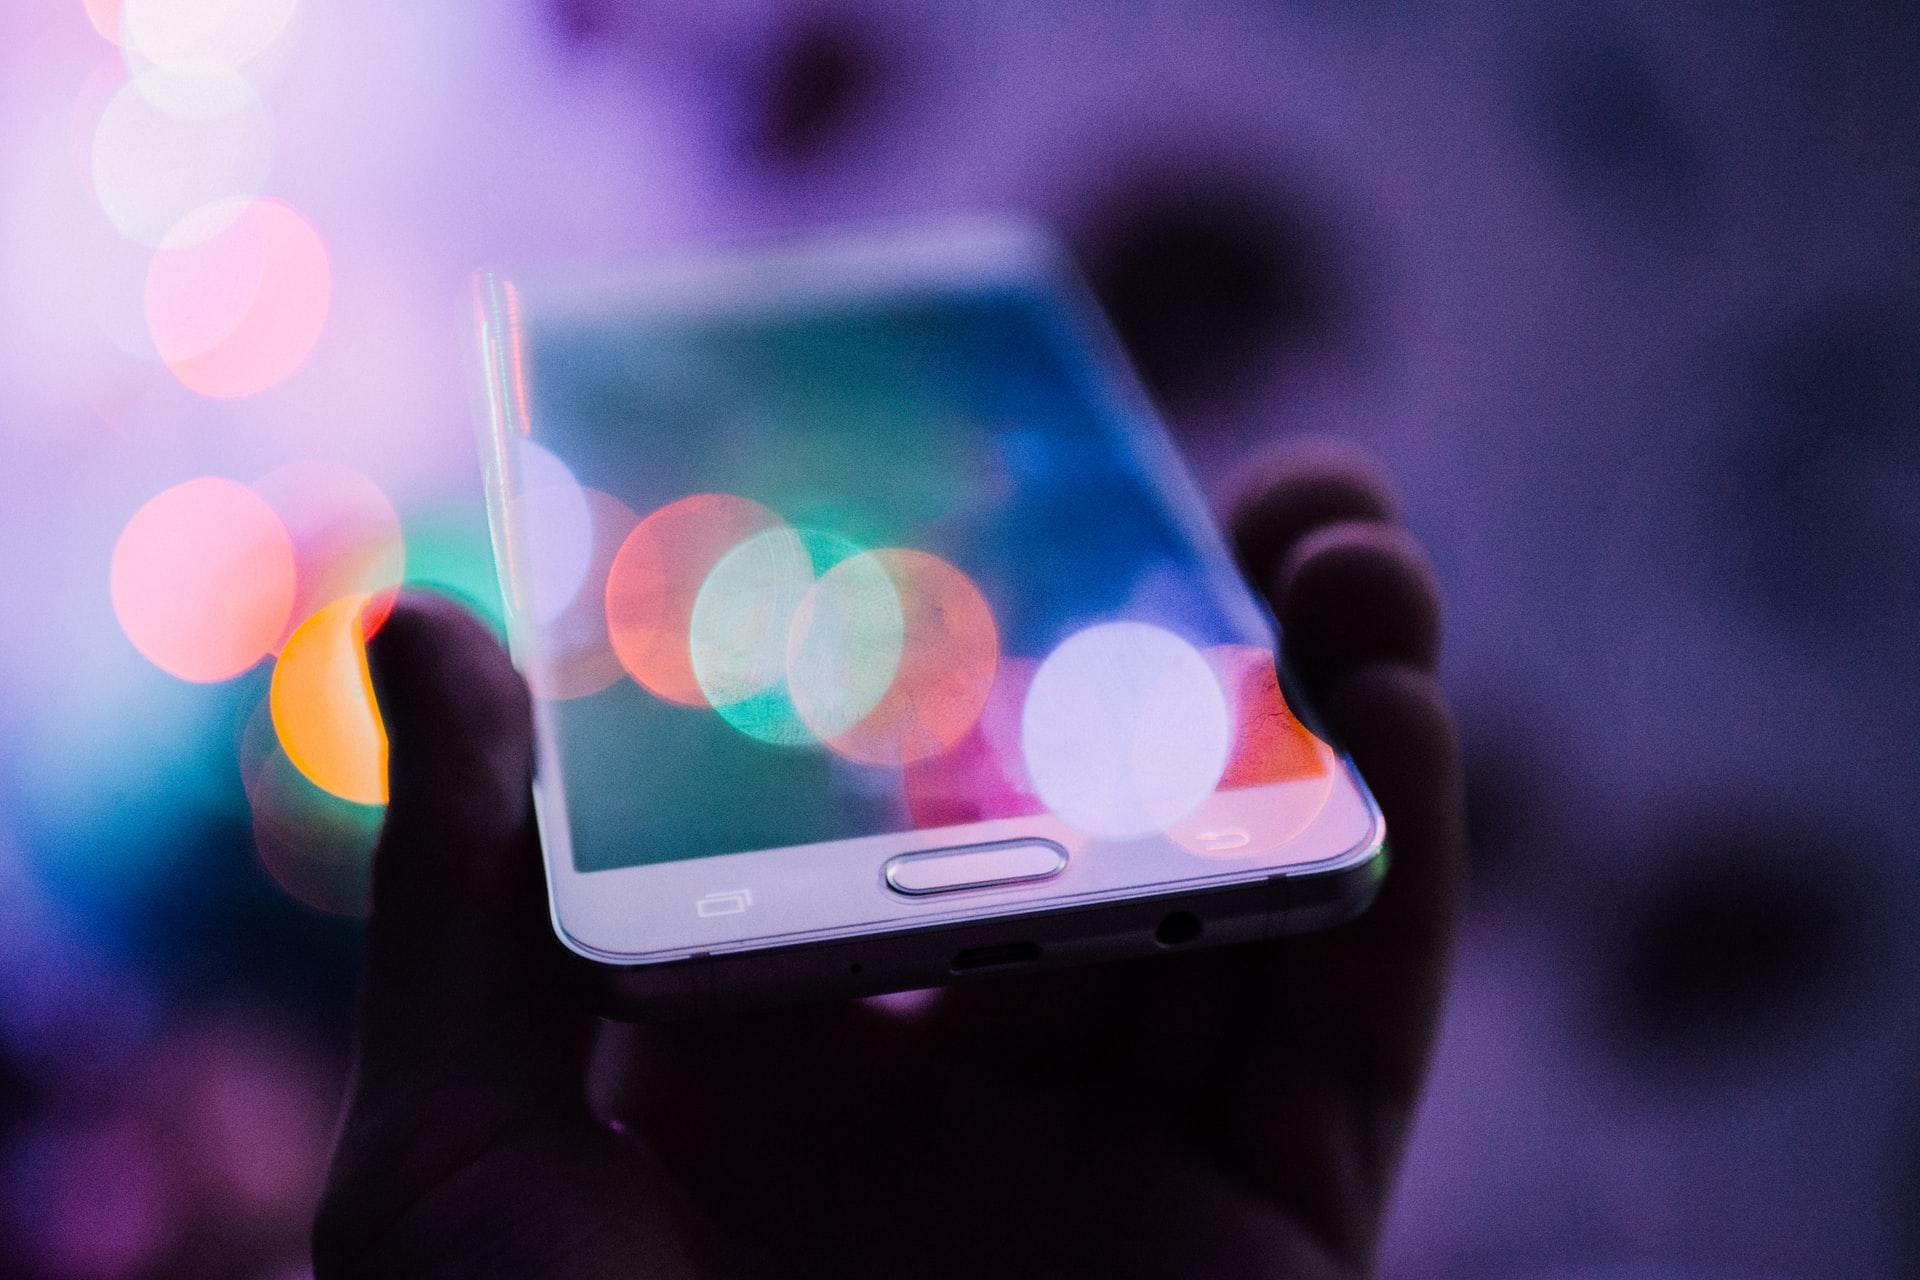 Handy mit übertrieben bunten Lichtreflexen